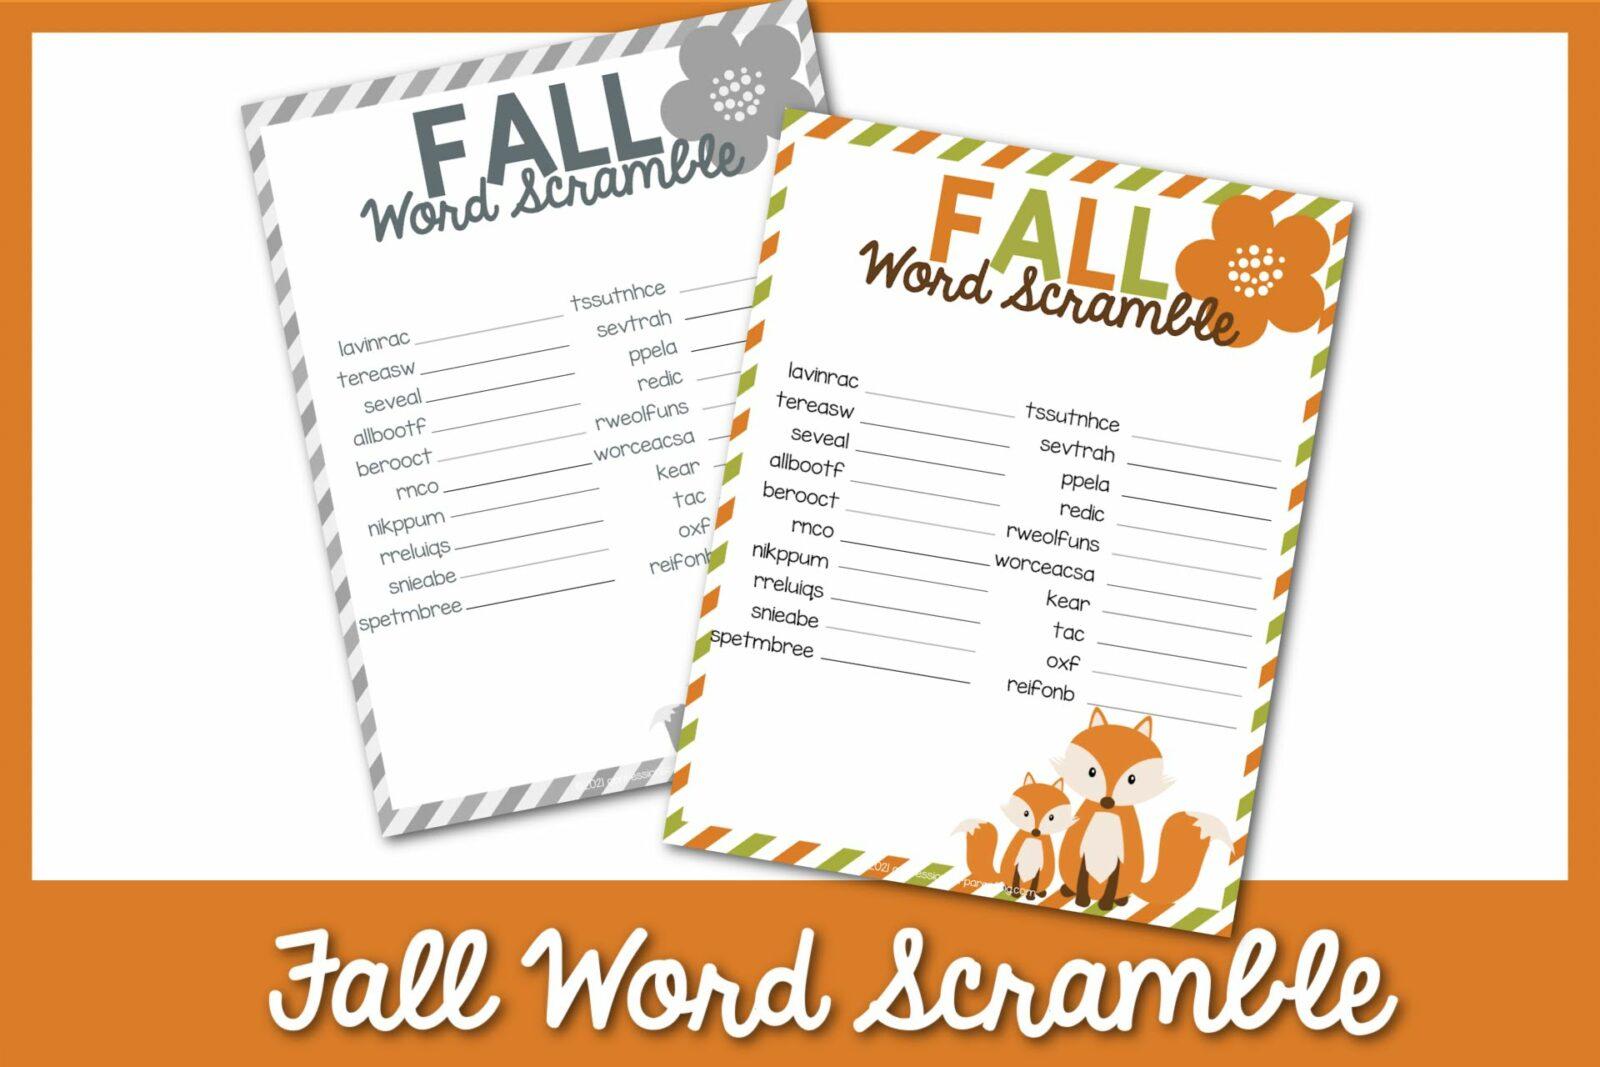 Fall Scramble từ